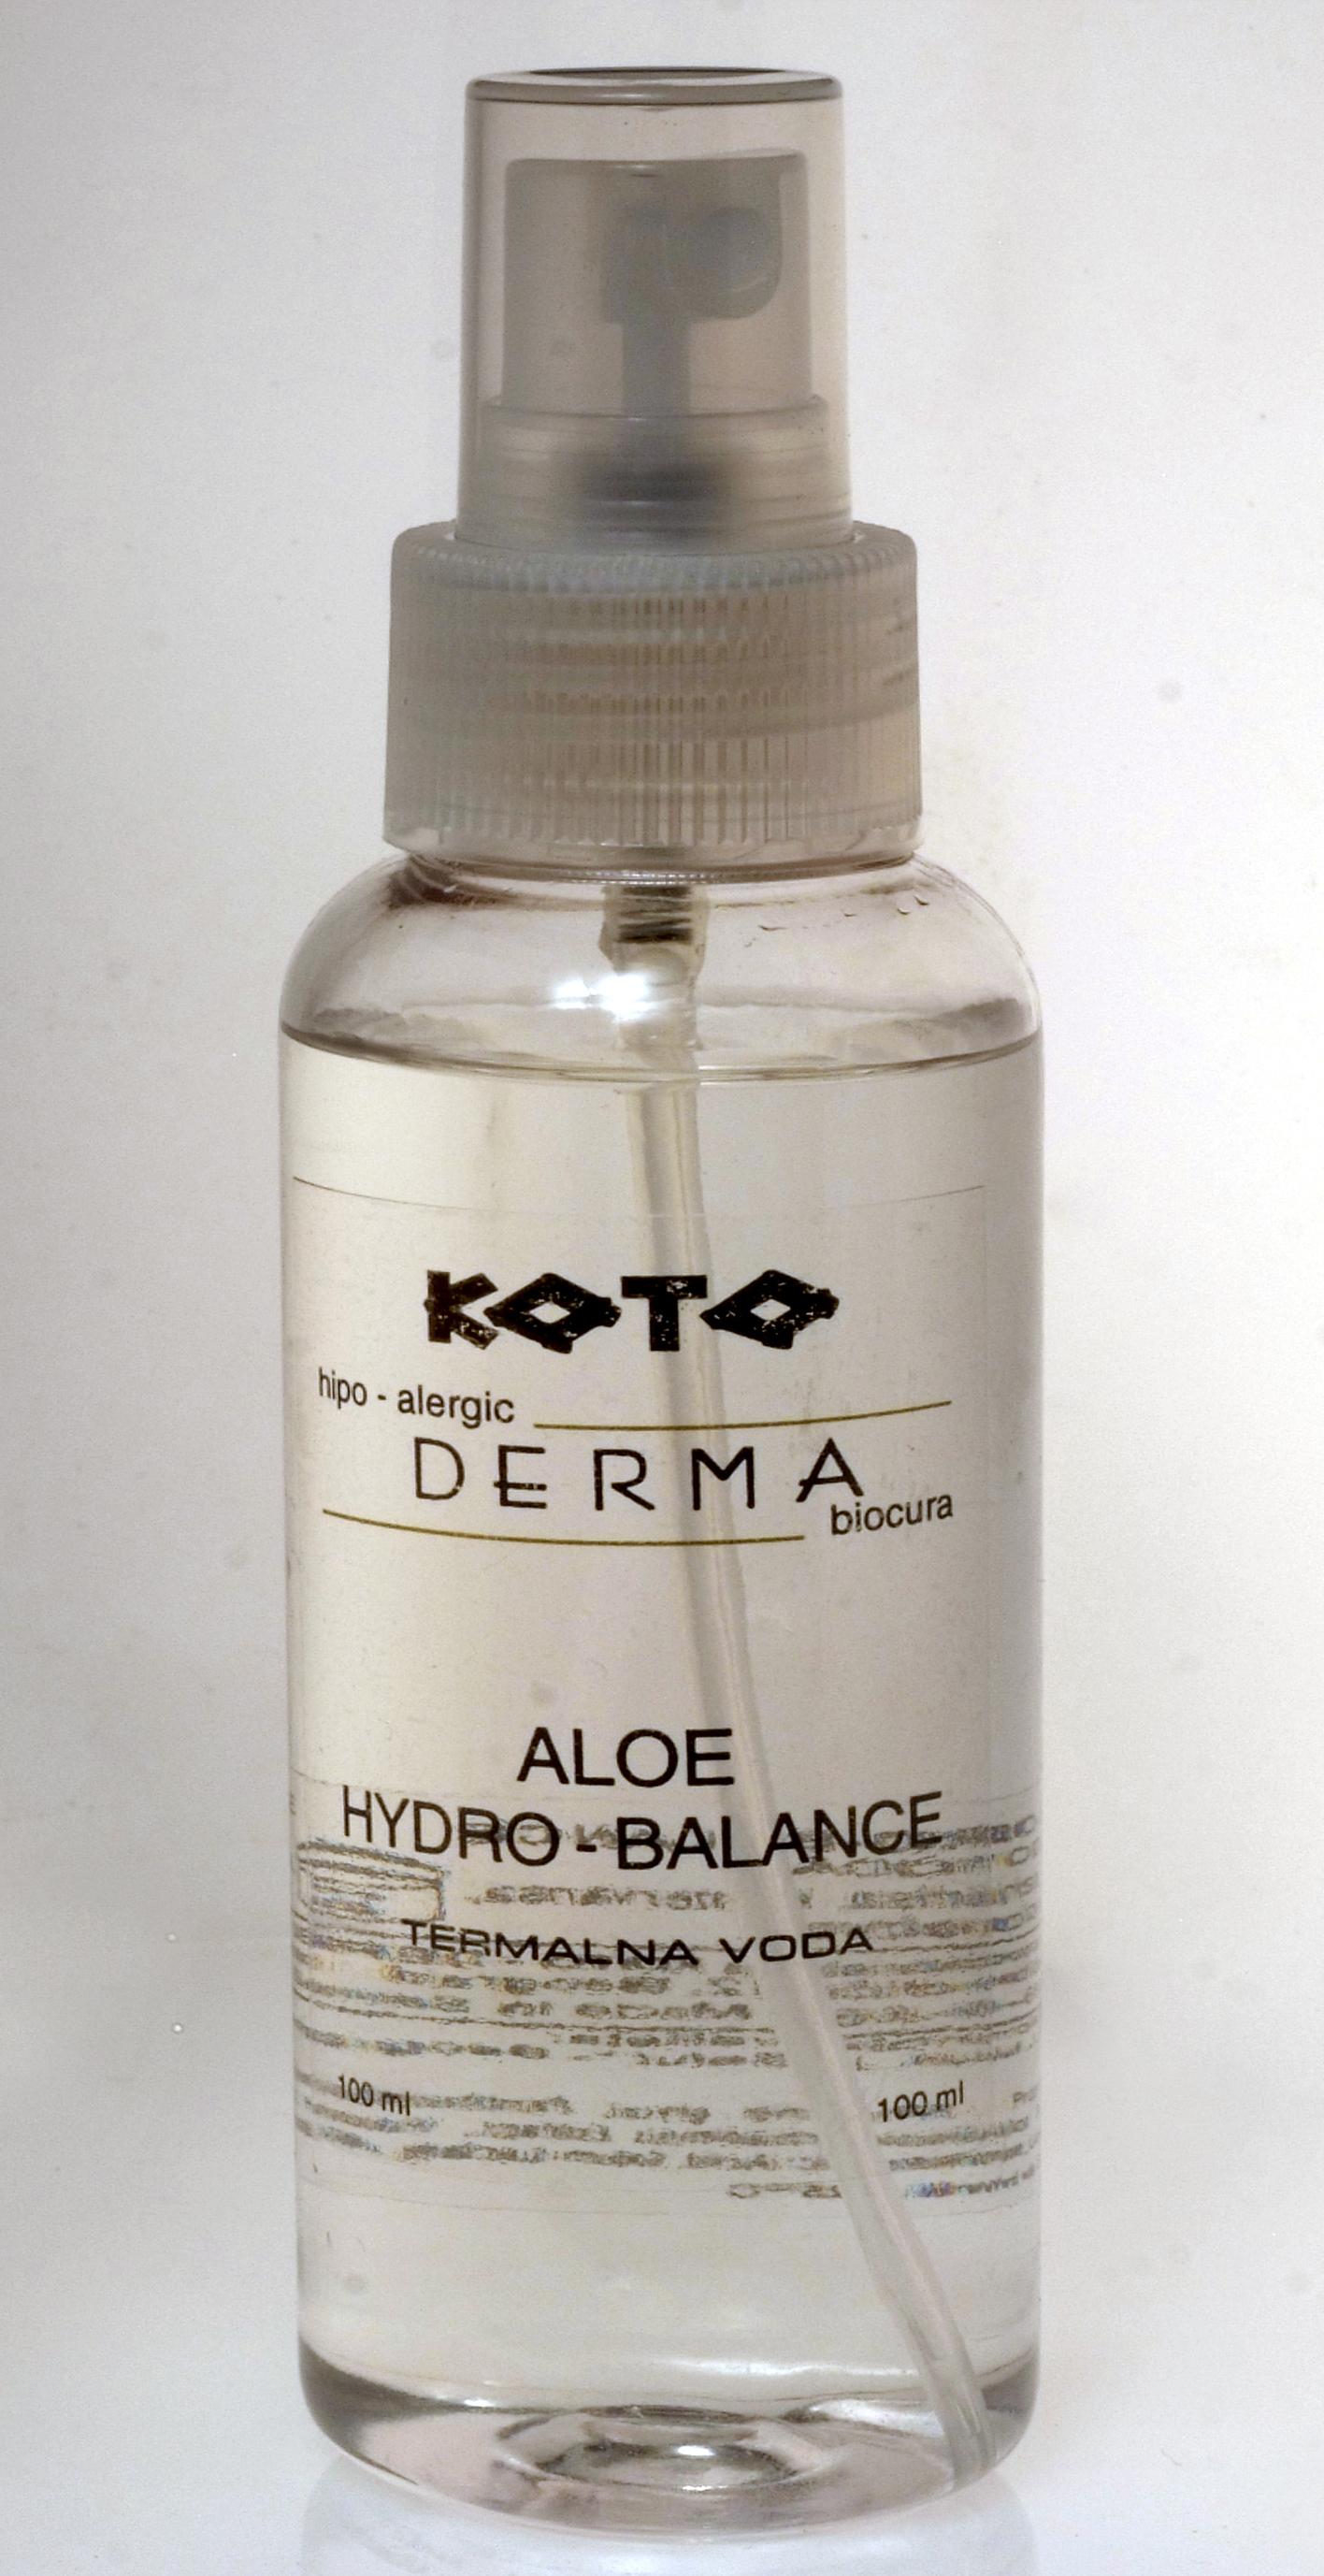 Aloe hidro-balance-NOVA